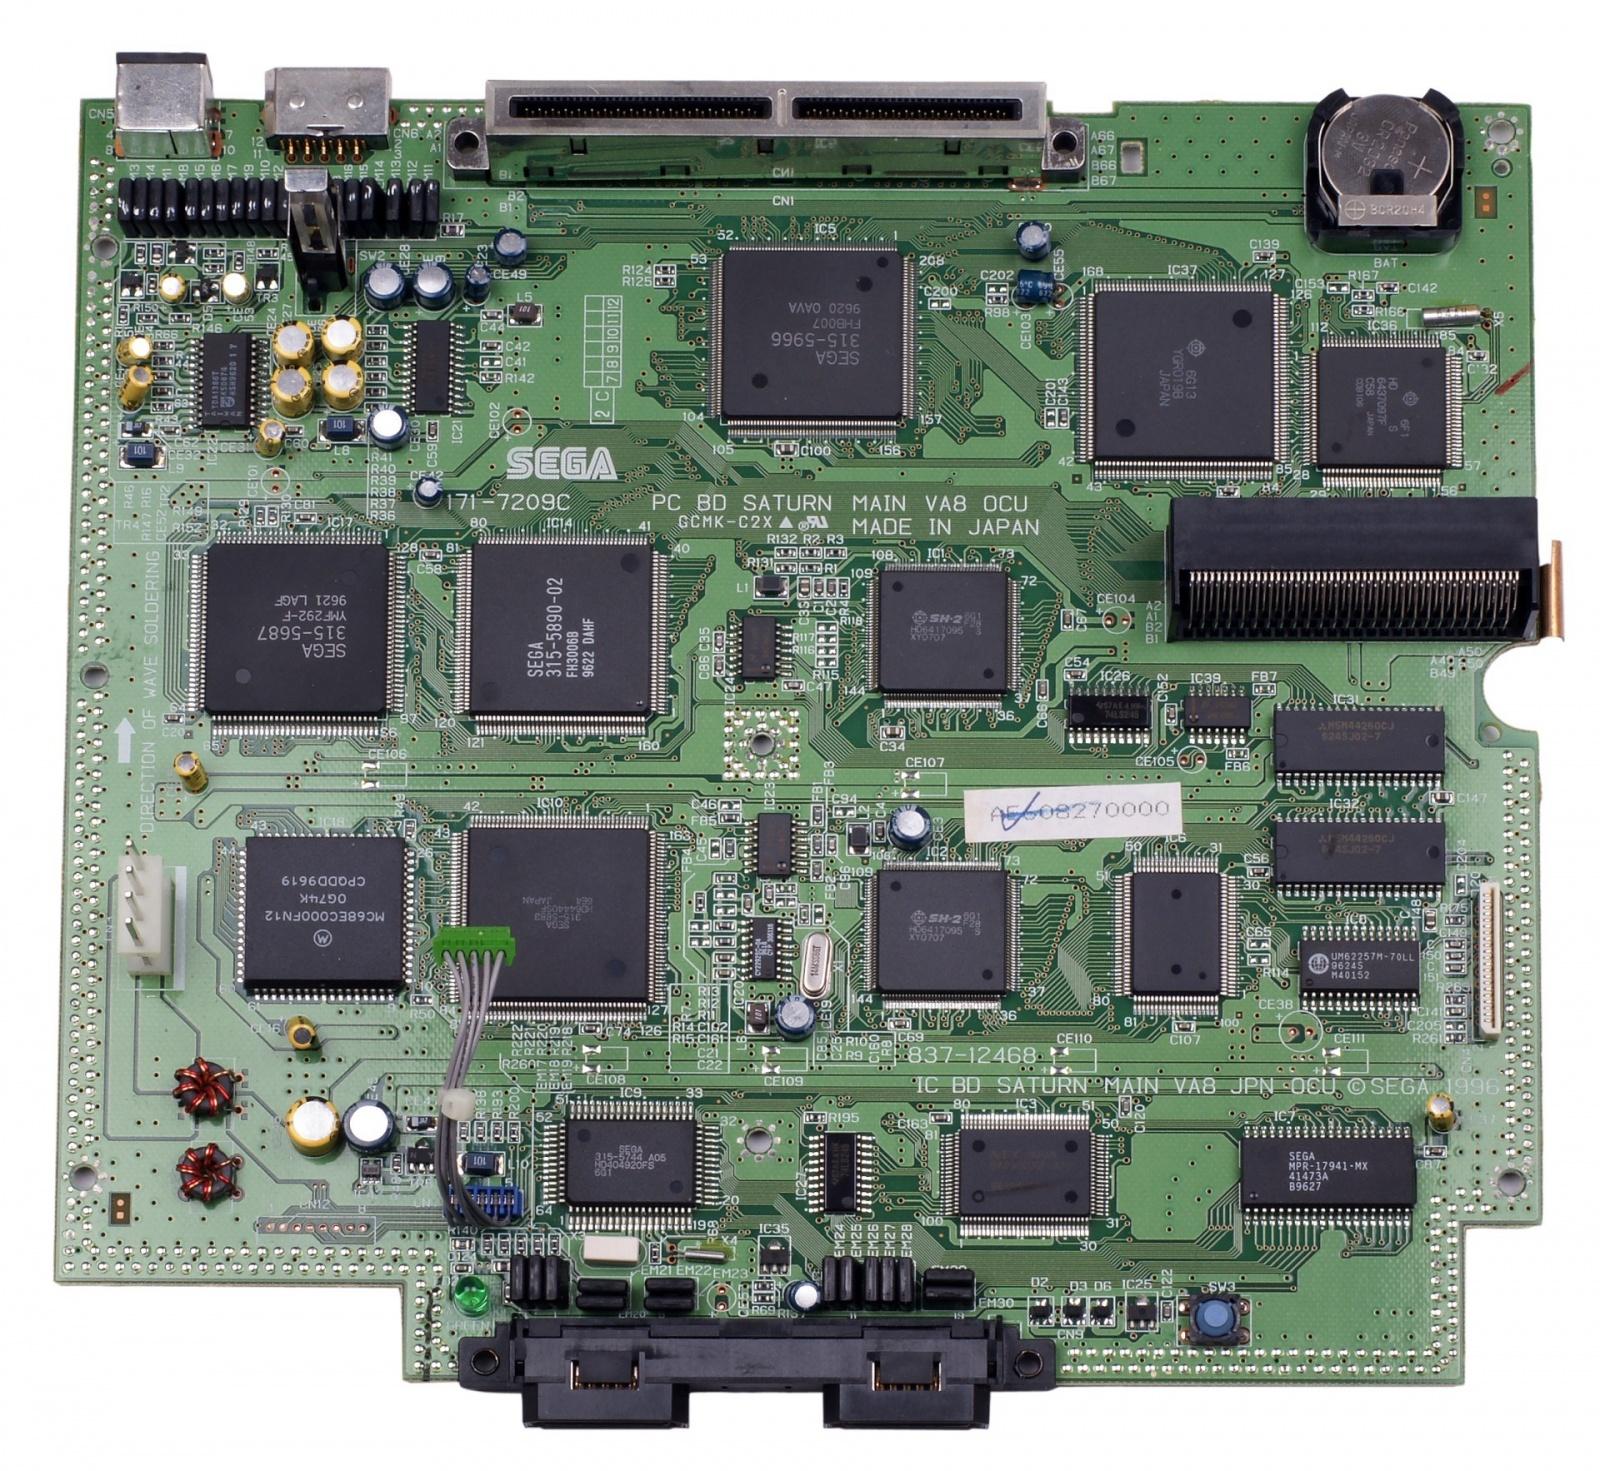 DRM-защиту игровой приставки Sega Saturn взломали спустя 20 лет - 2